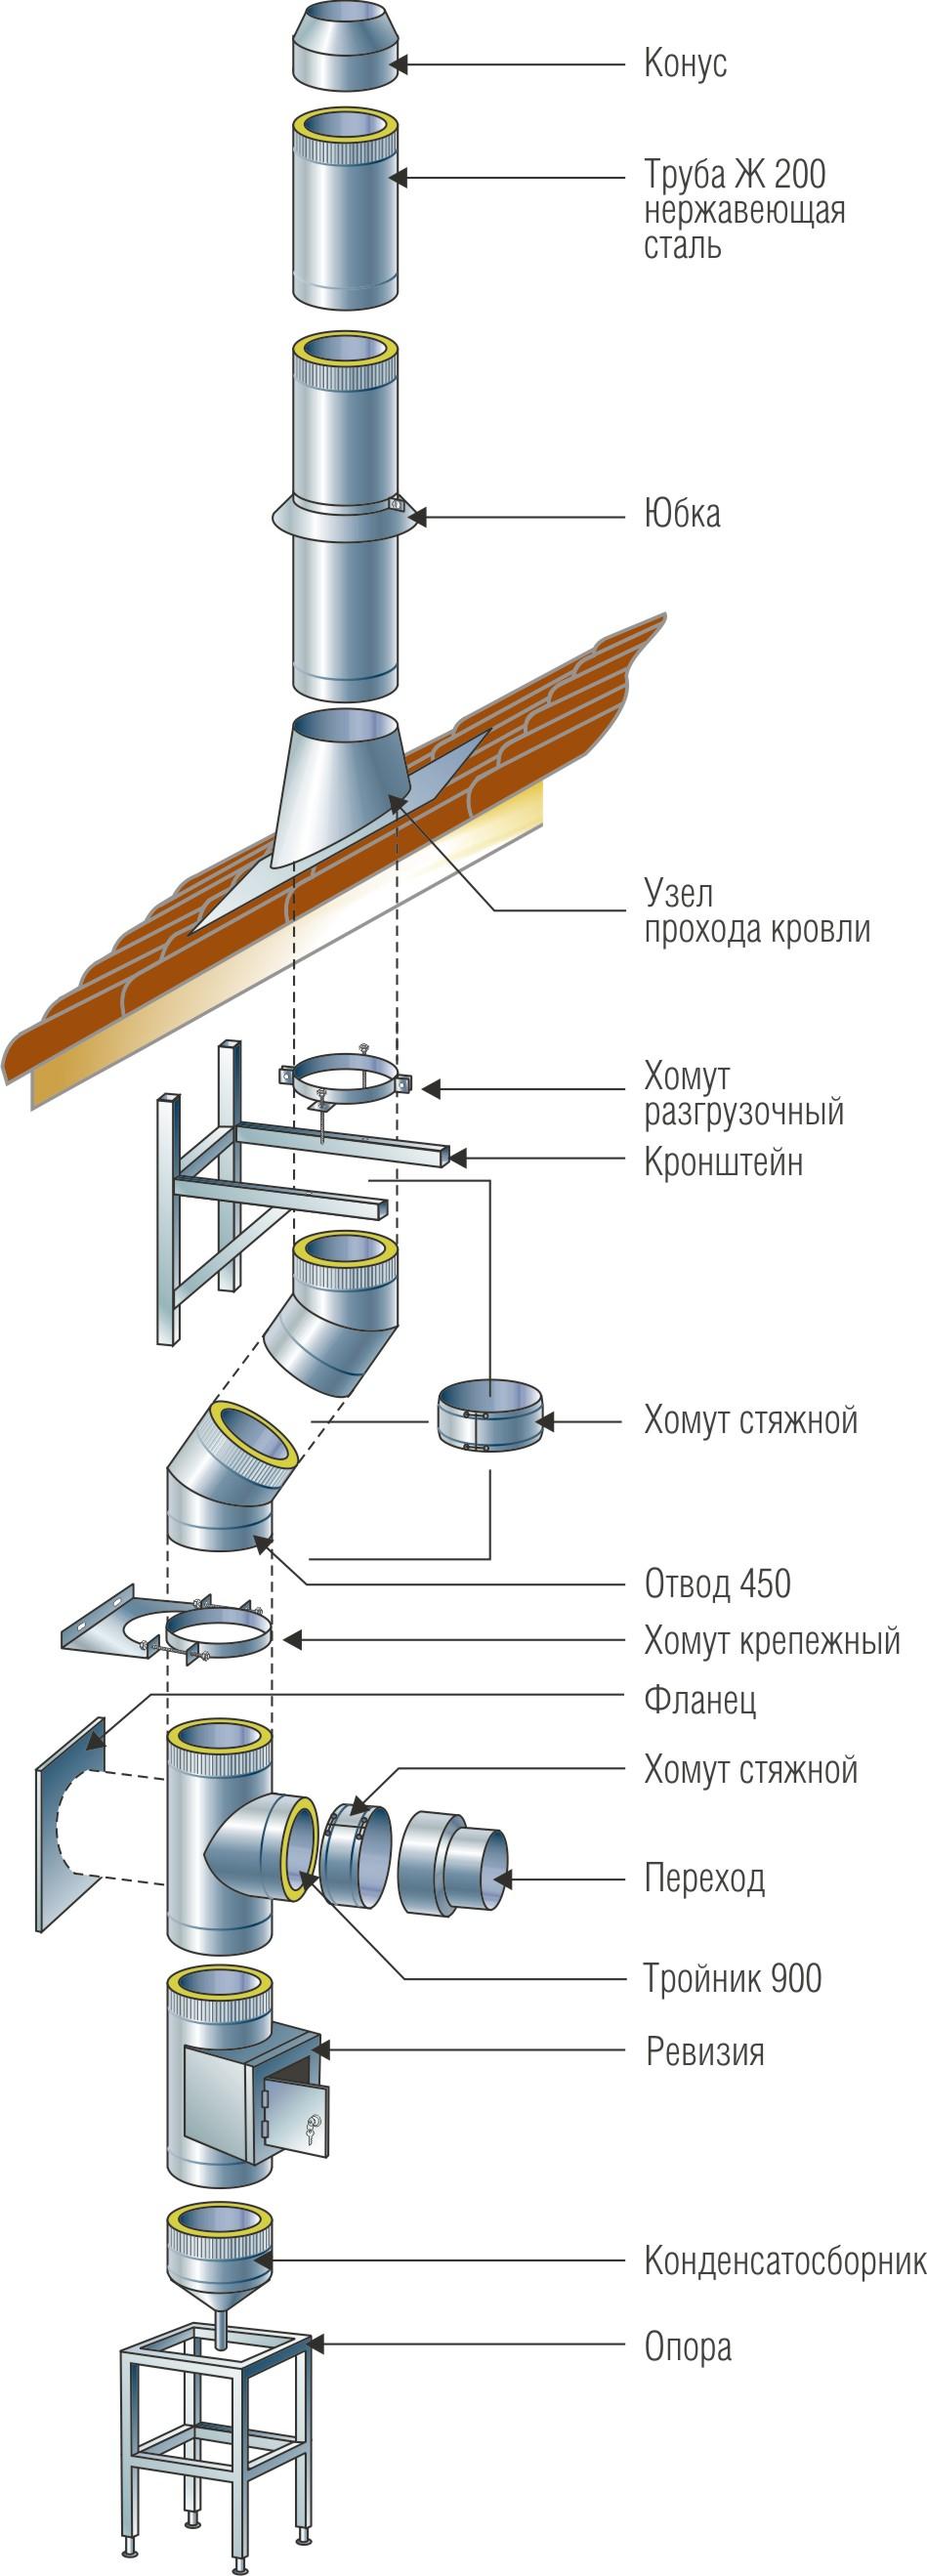 Сборка дымохода из нержавейки пошаговая инструкция